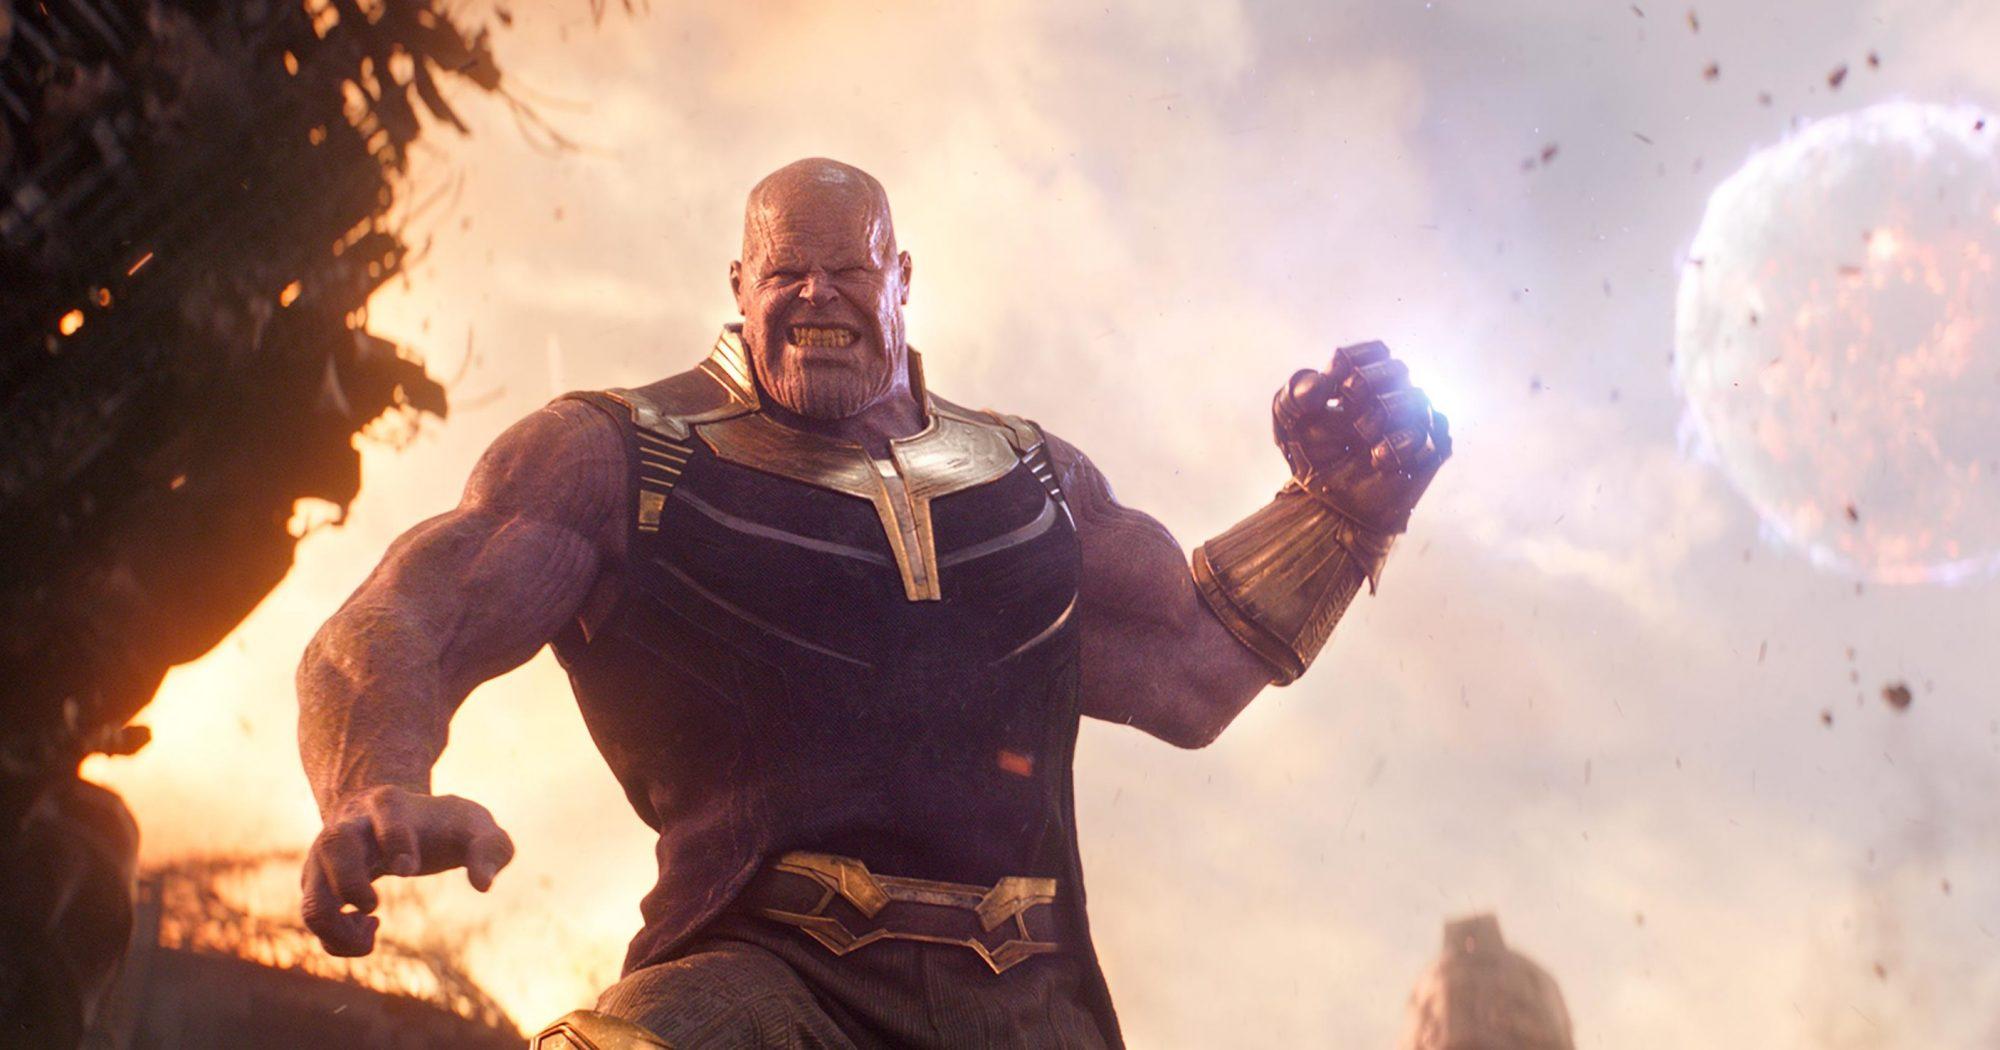 Agents of SHIELD faz referência a Thanos e eventos de Vingadores: Guerra Infinita